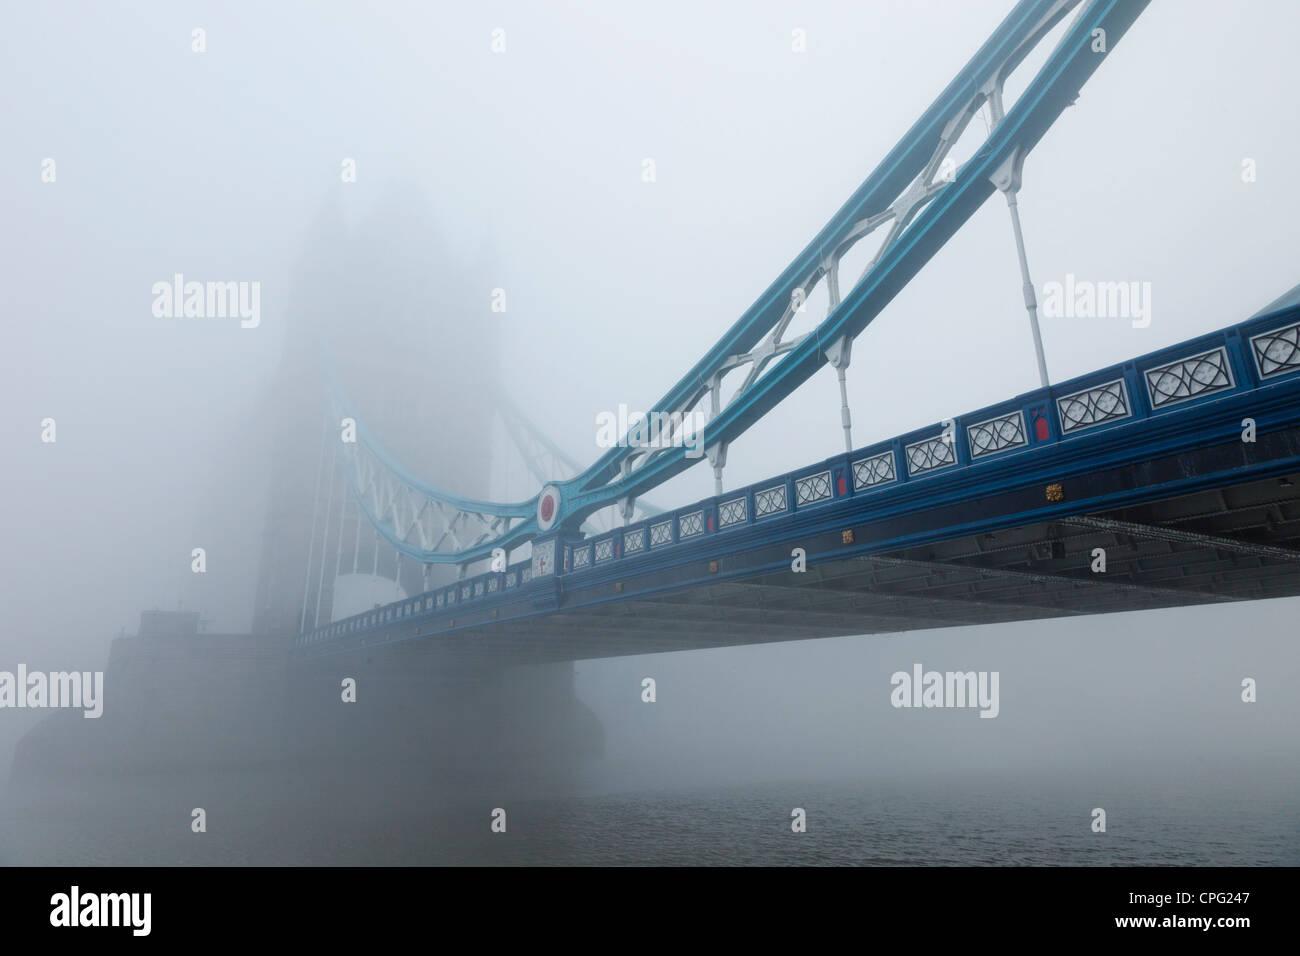 L'Angleterre, Londres, Southwark, Tower Bridge et la Tamise dans le brouillard Photo Stock